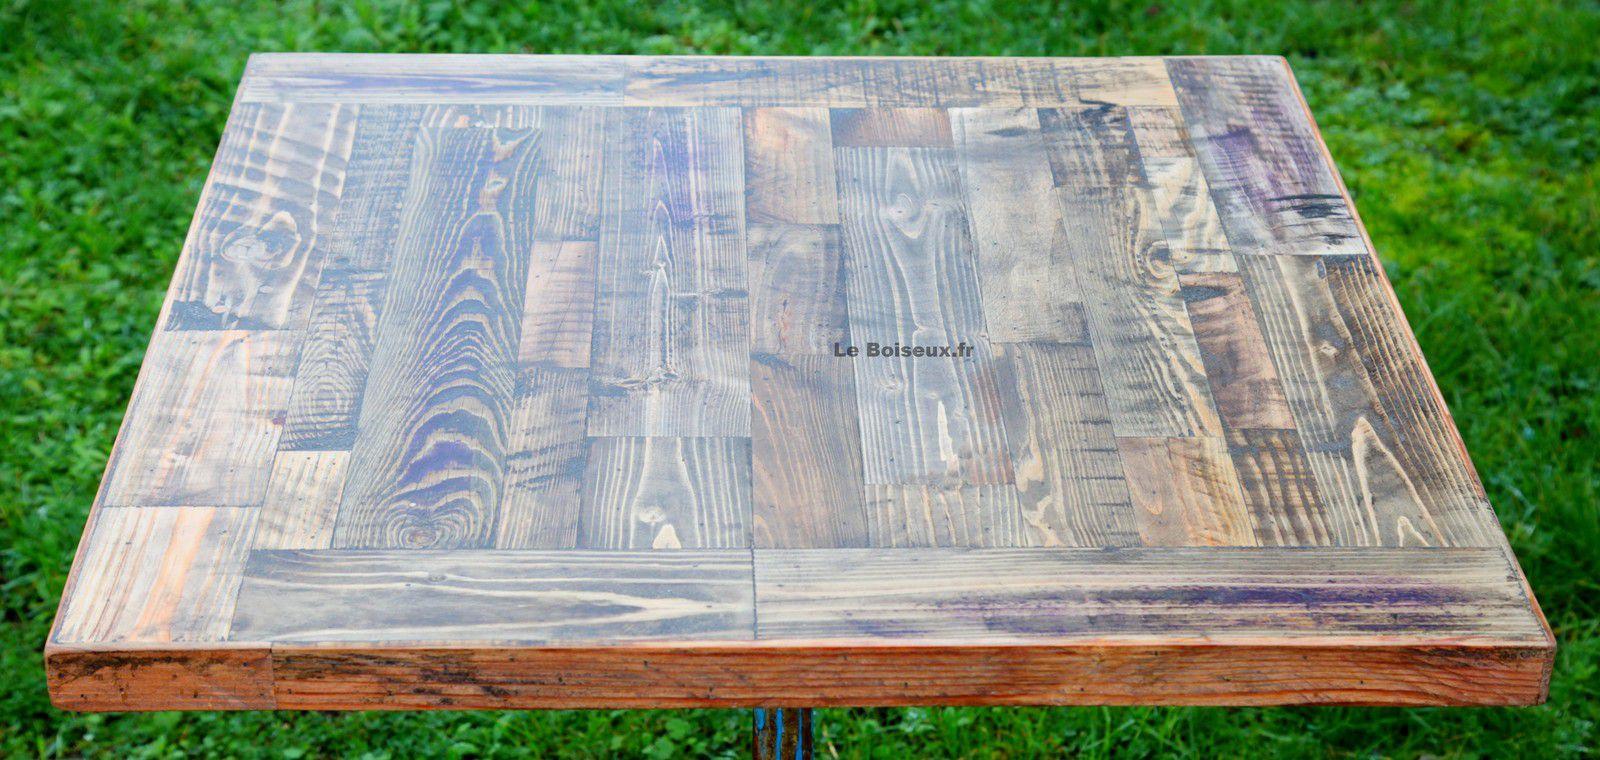 """Pour les friands de plateaux à croquer recherchant des tables capables d'aiguiser leur appétit, les modèles Le Boiseux sont, dit-on, à croquer, et ont, souvent, un arrière-goût de """"reviens-y"""". En tout cas, c'est ce qui reste quand tout est mangé."""